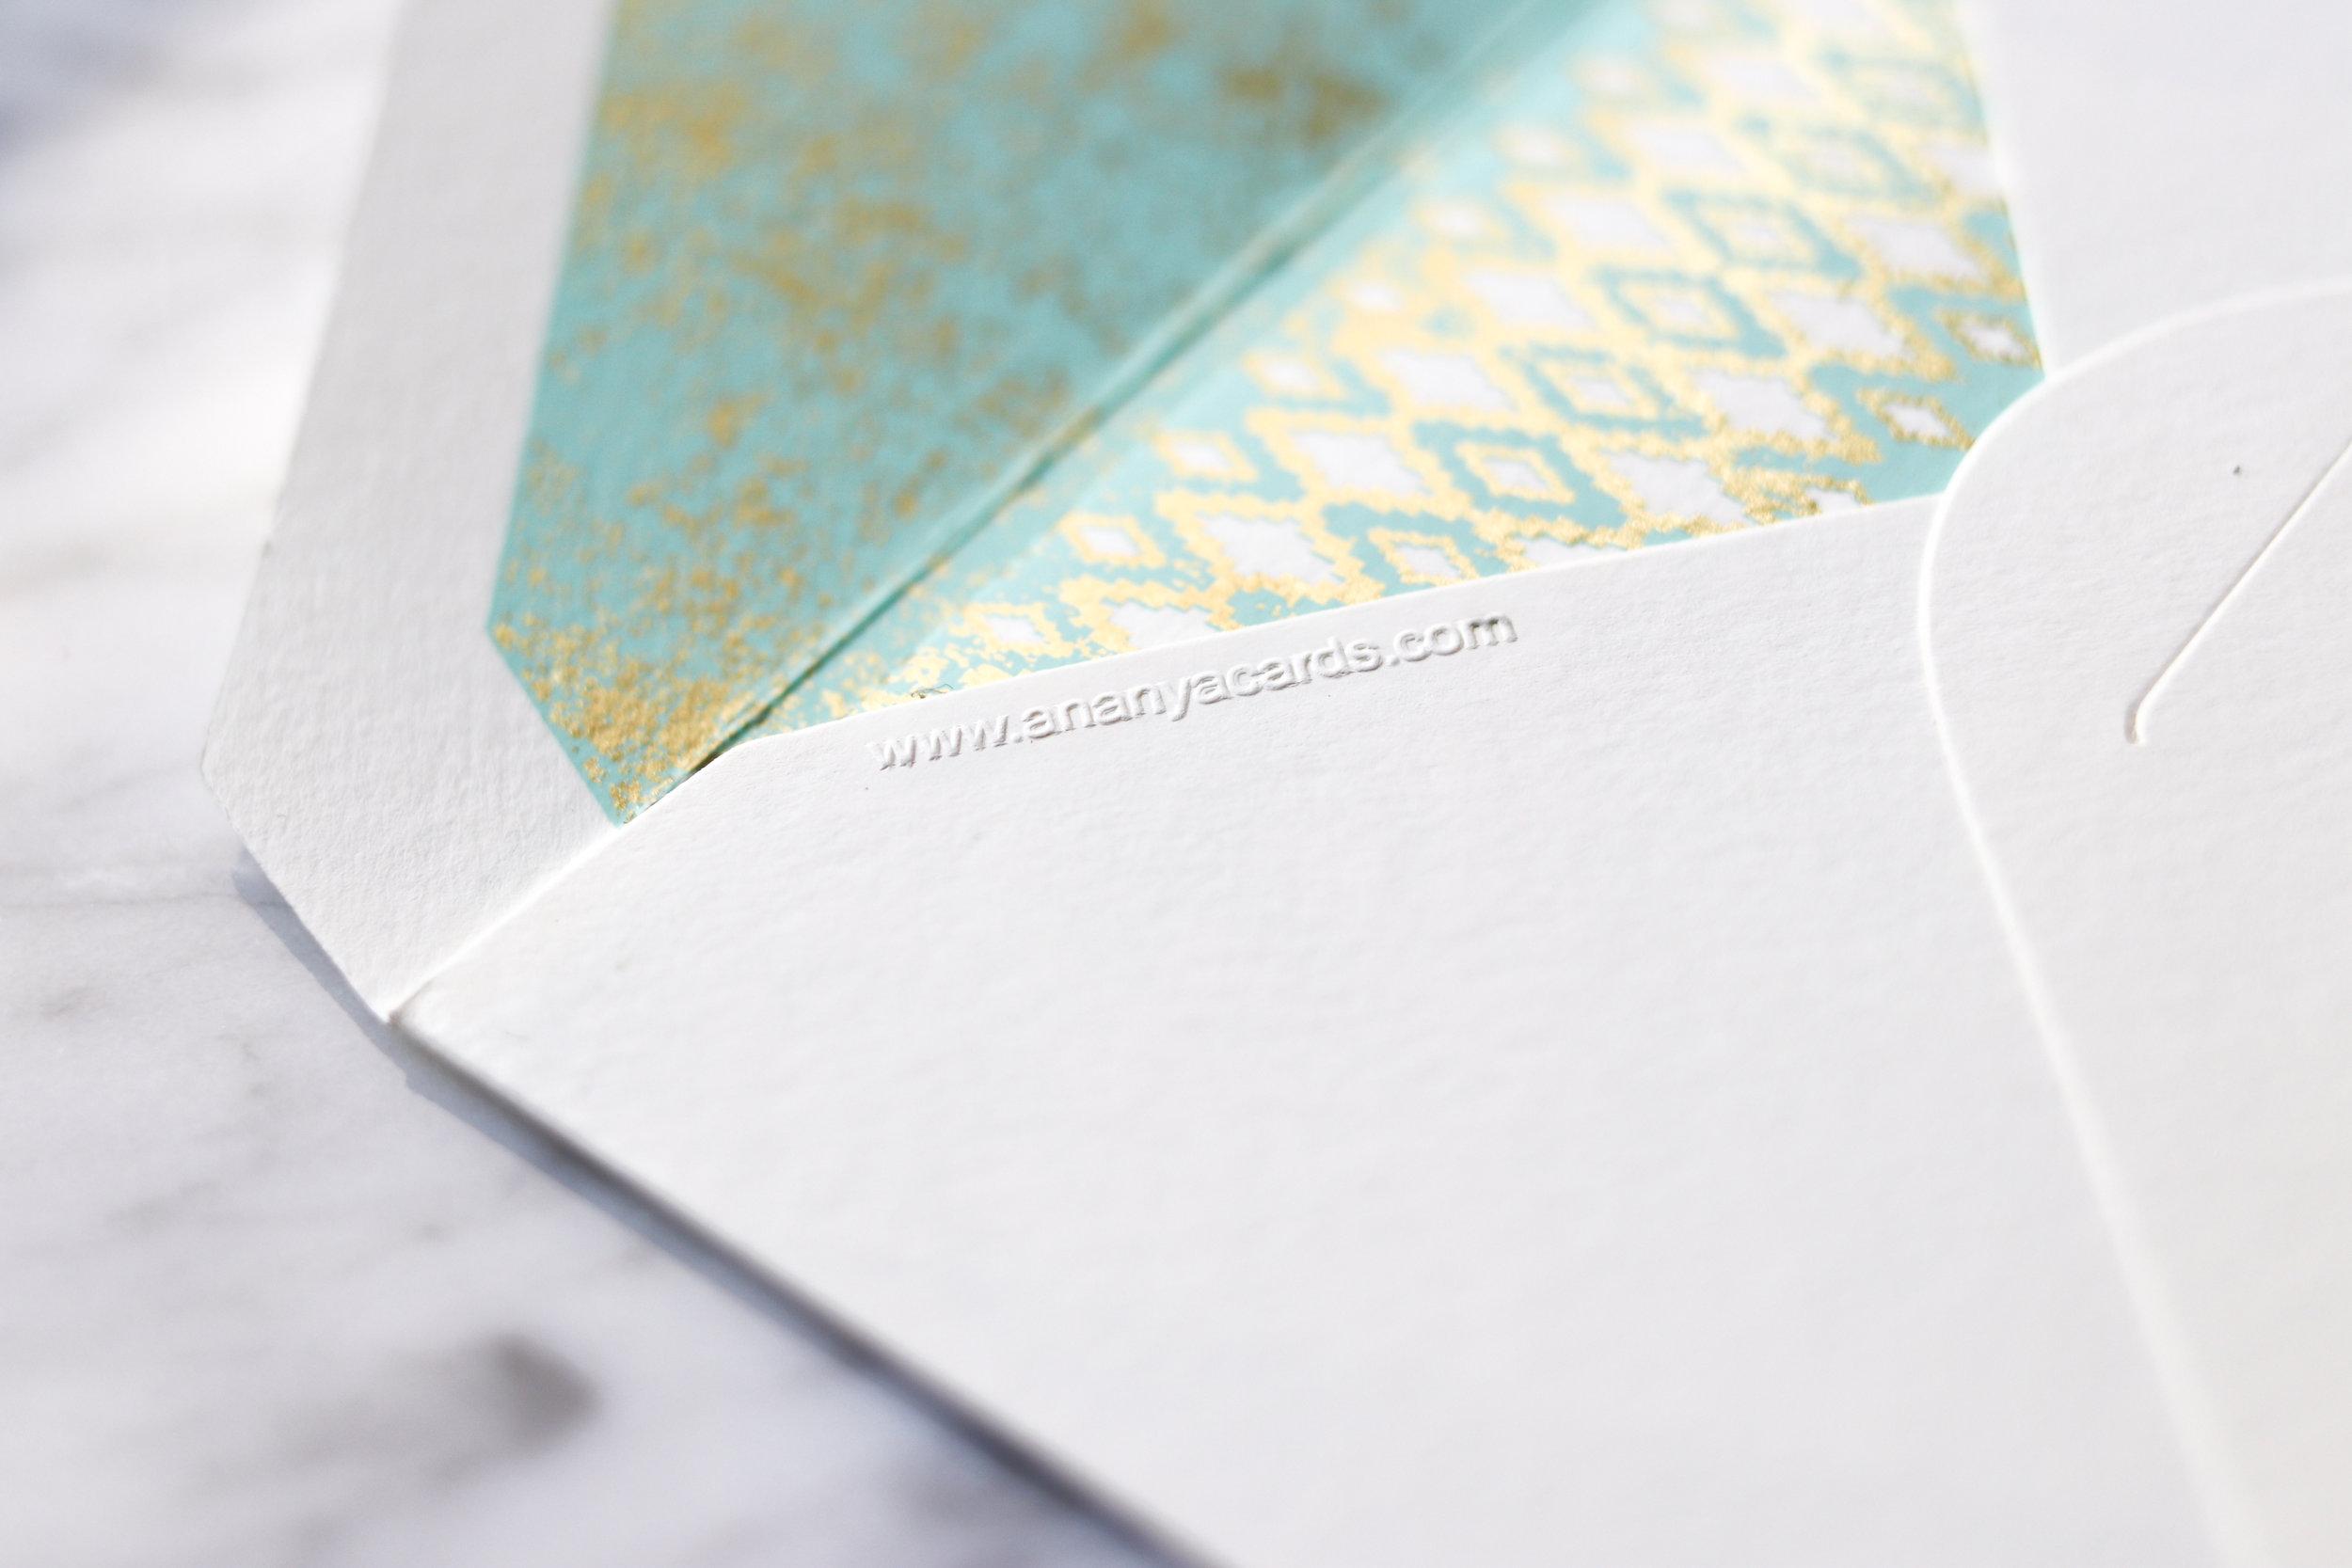 Embossed notecard envelope